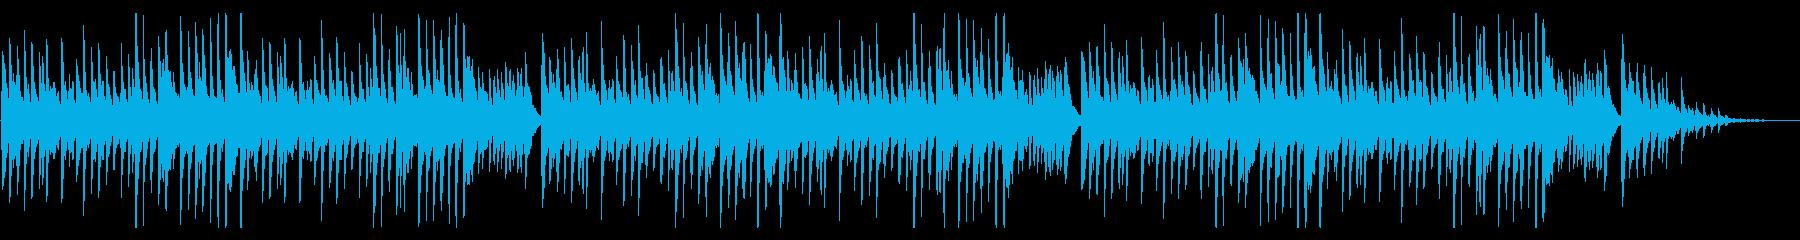 「たなばたさま」シンプルな琴のアレンジの再生済みの波形